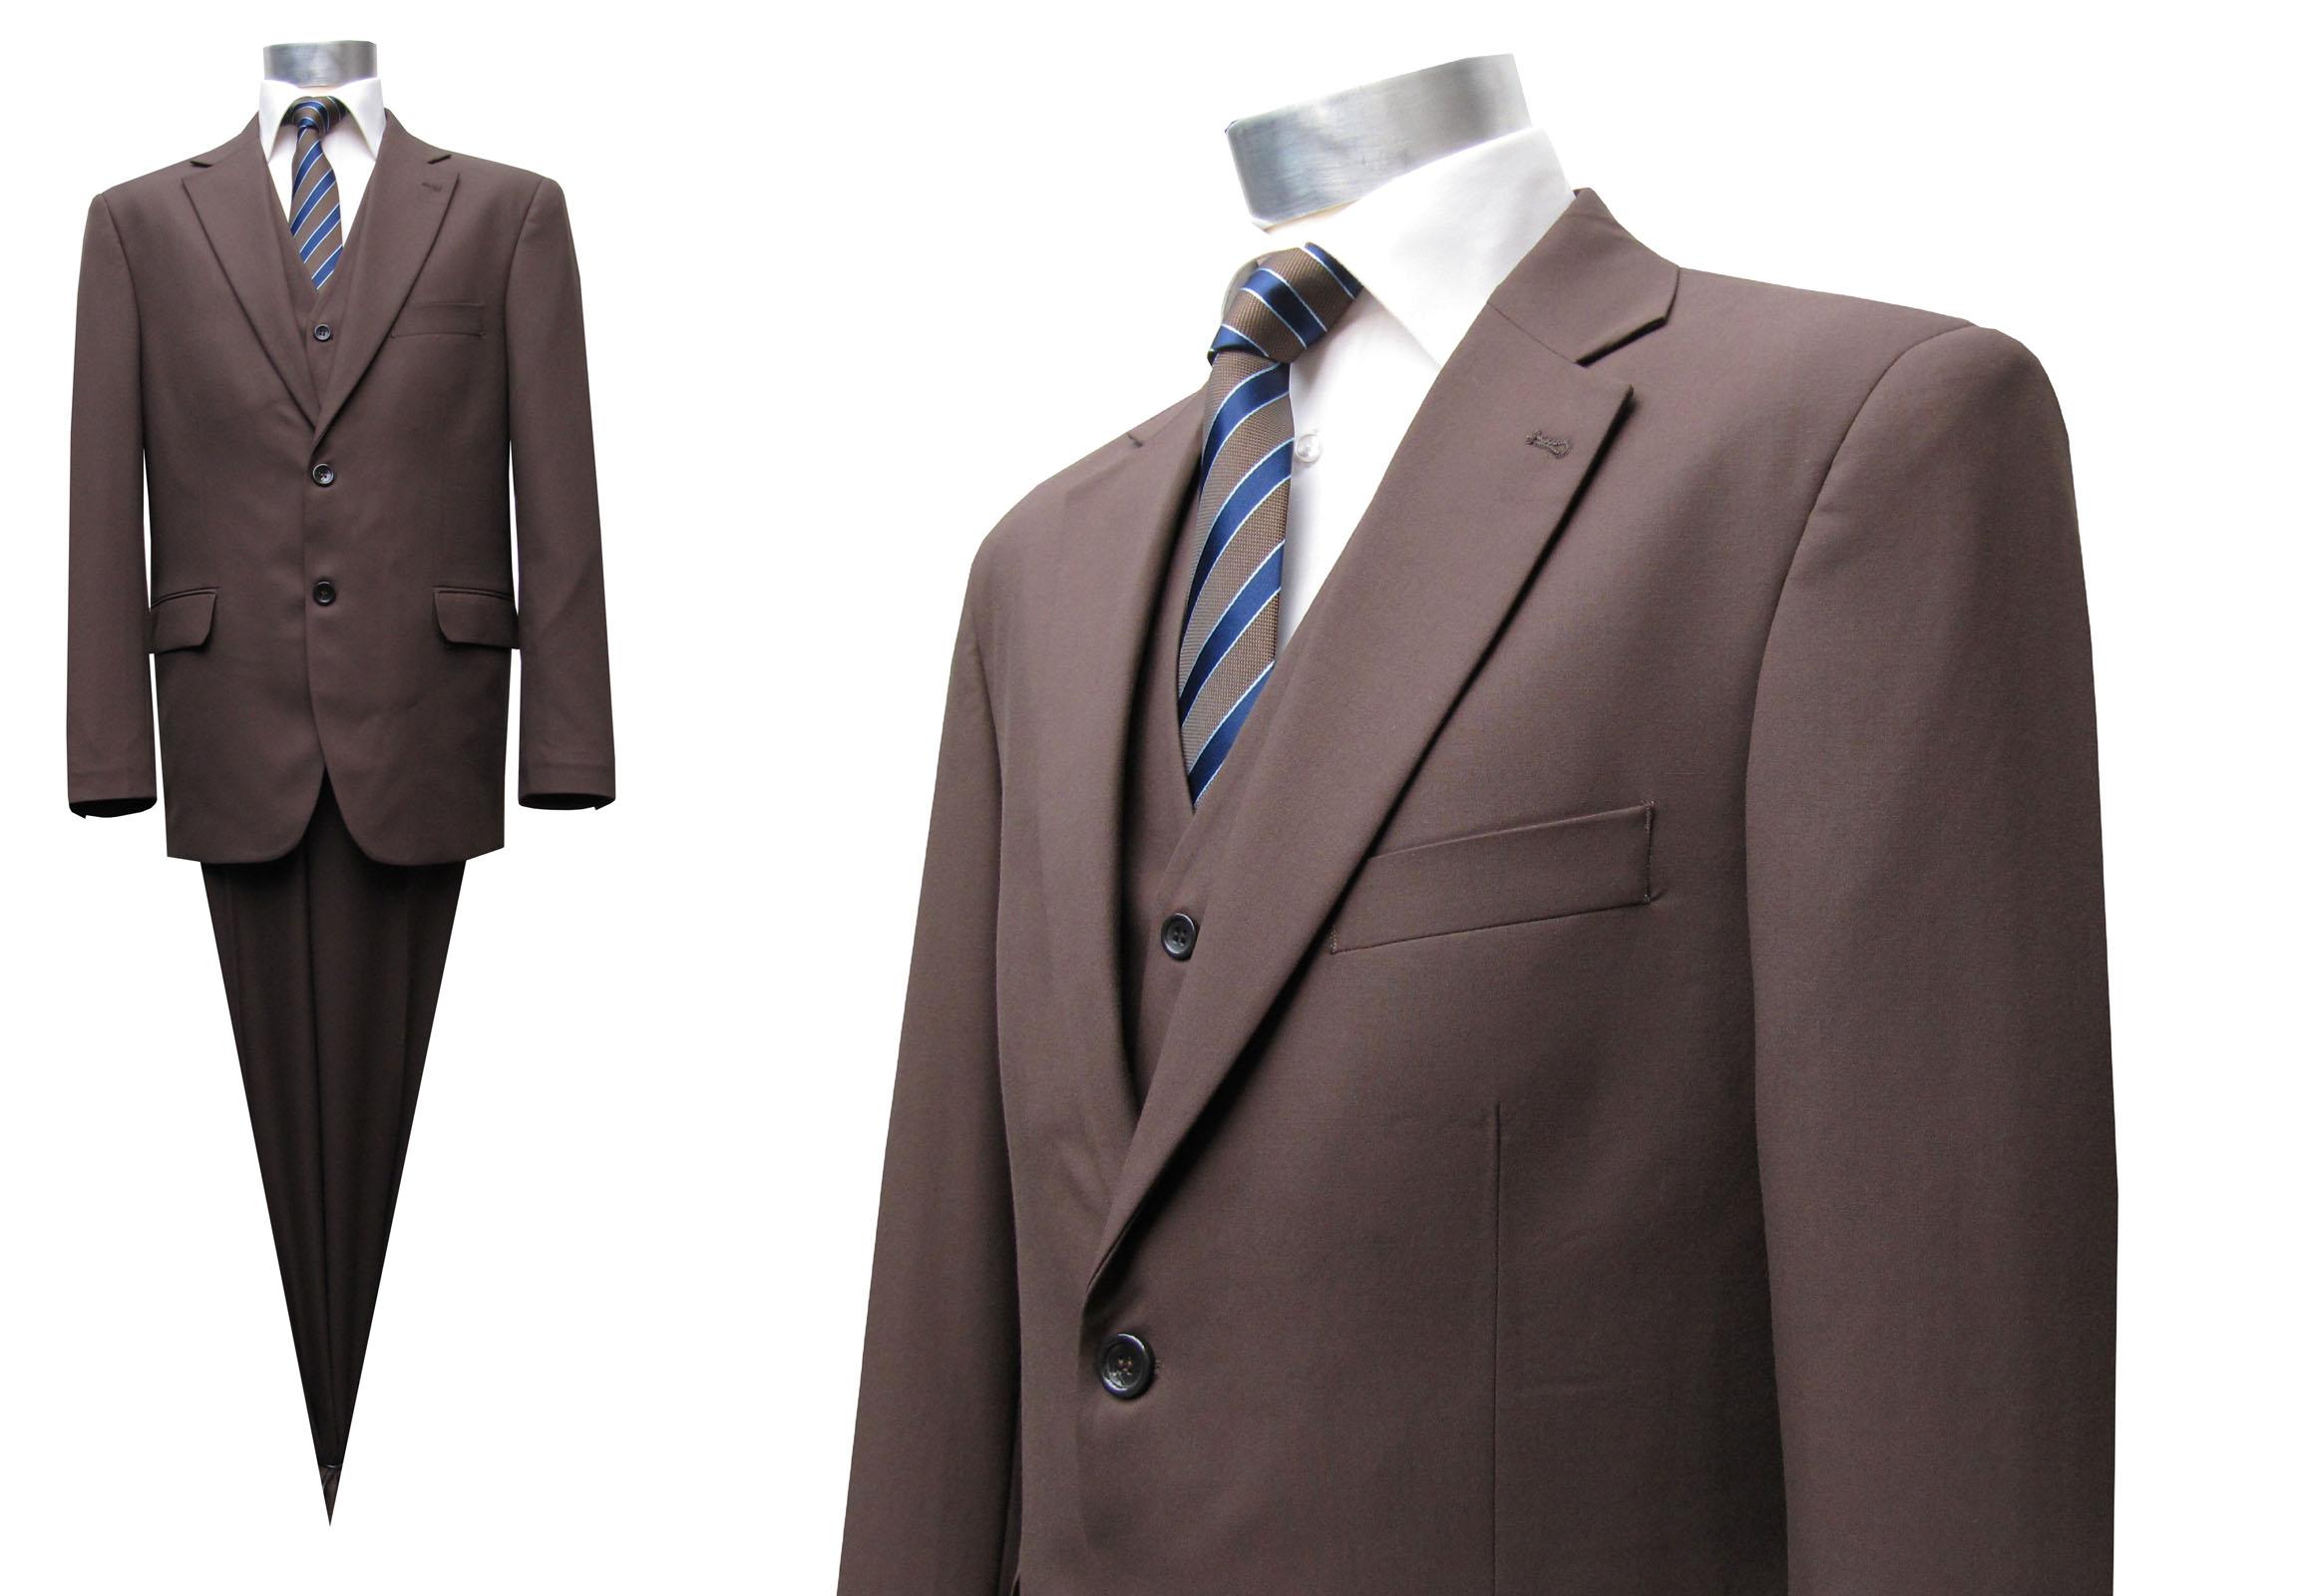 f7288ca1f3cd Muga 120s Herren Anzug Braun 3-teilig. Zeitloser Einreiher mit Weste, für  Business und Freizeit, Verfügbare Größen 25-37. Design by MUGA ®